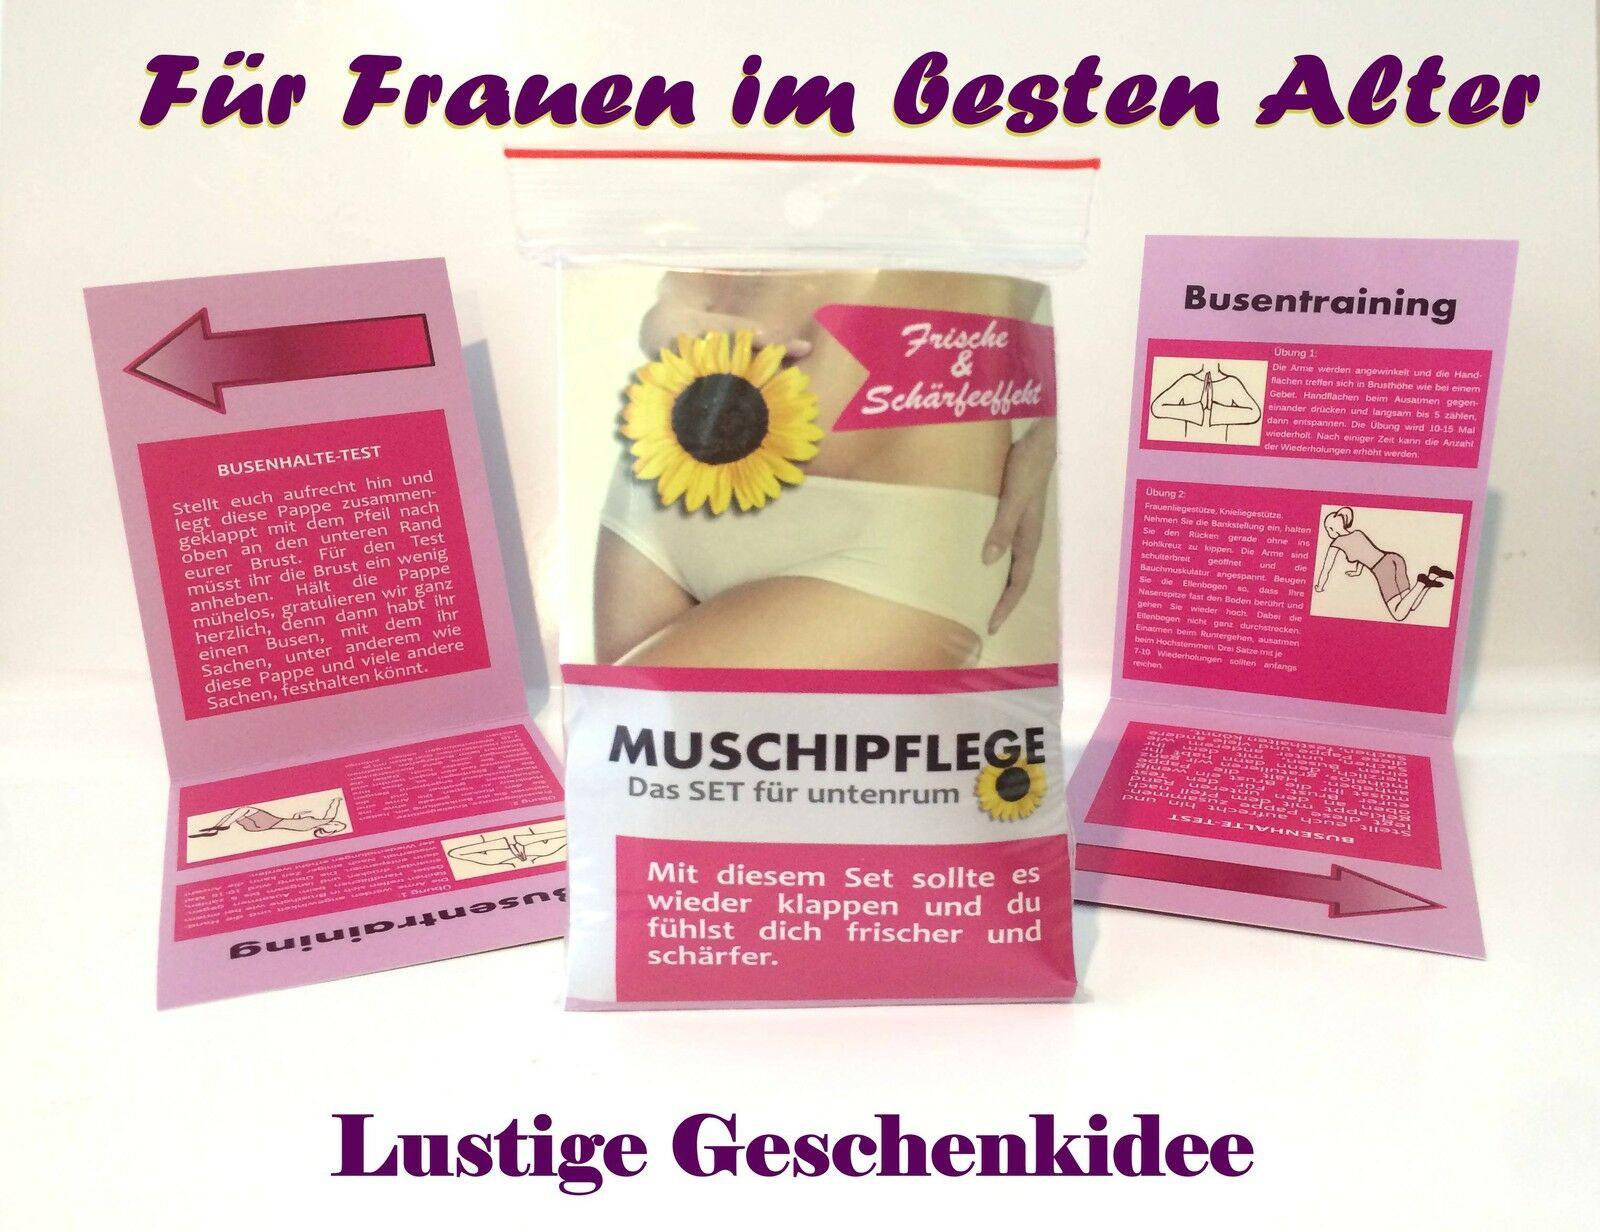 Geschenke Zum Geburtstag Frau  Lustige gemeine Geschenkidee zum Geburtstag Frau 18 30